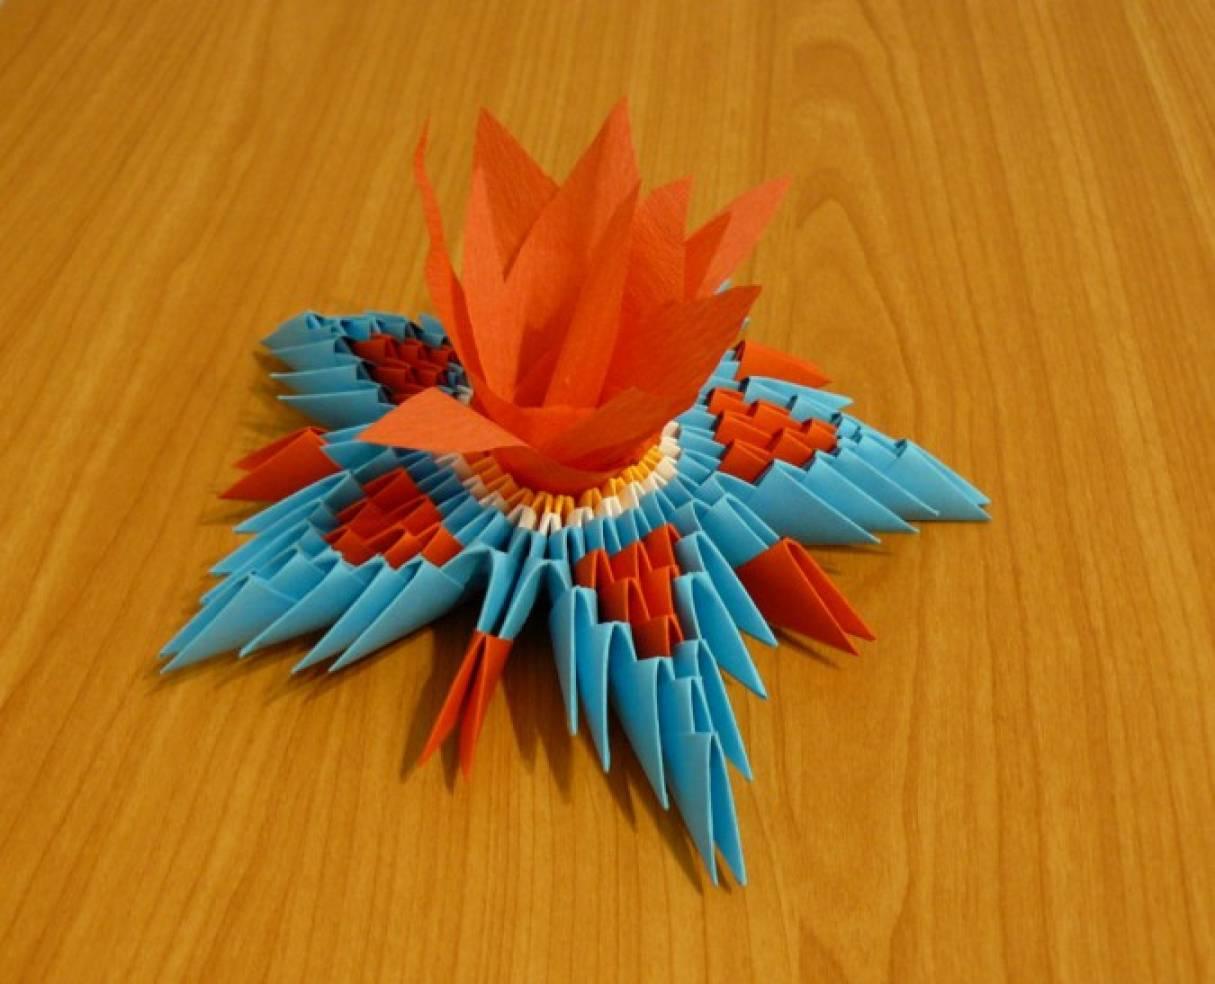 Мастер-класс «Вечный огонь». Техника модульное оригами.